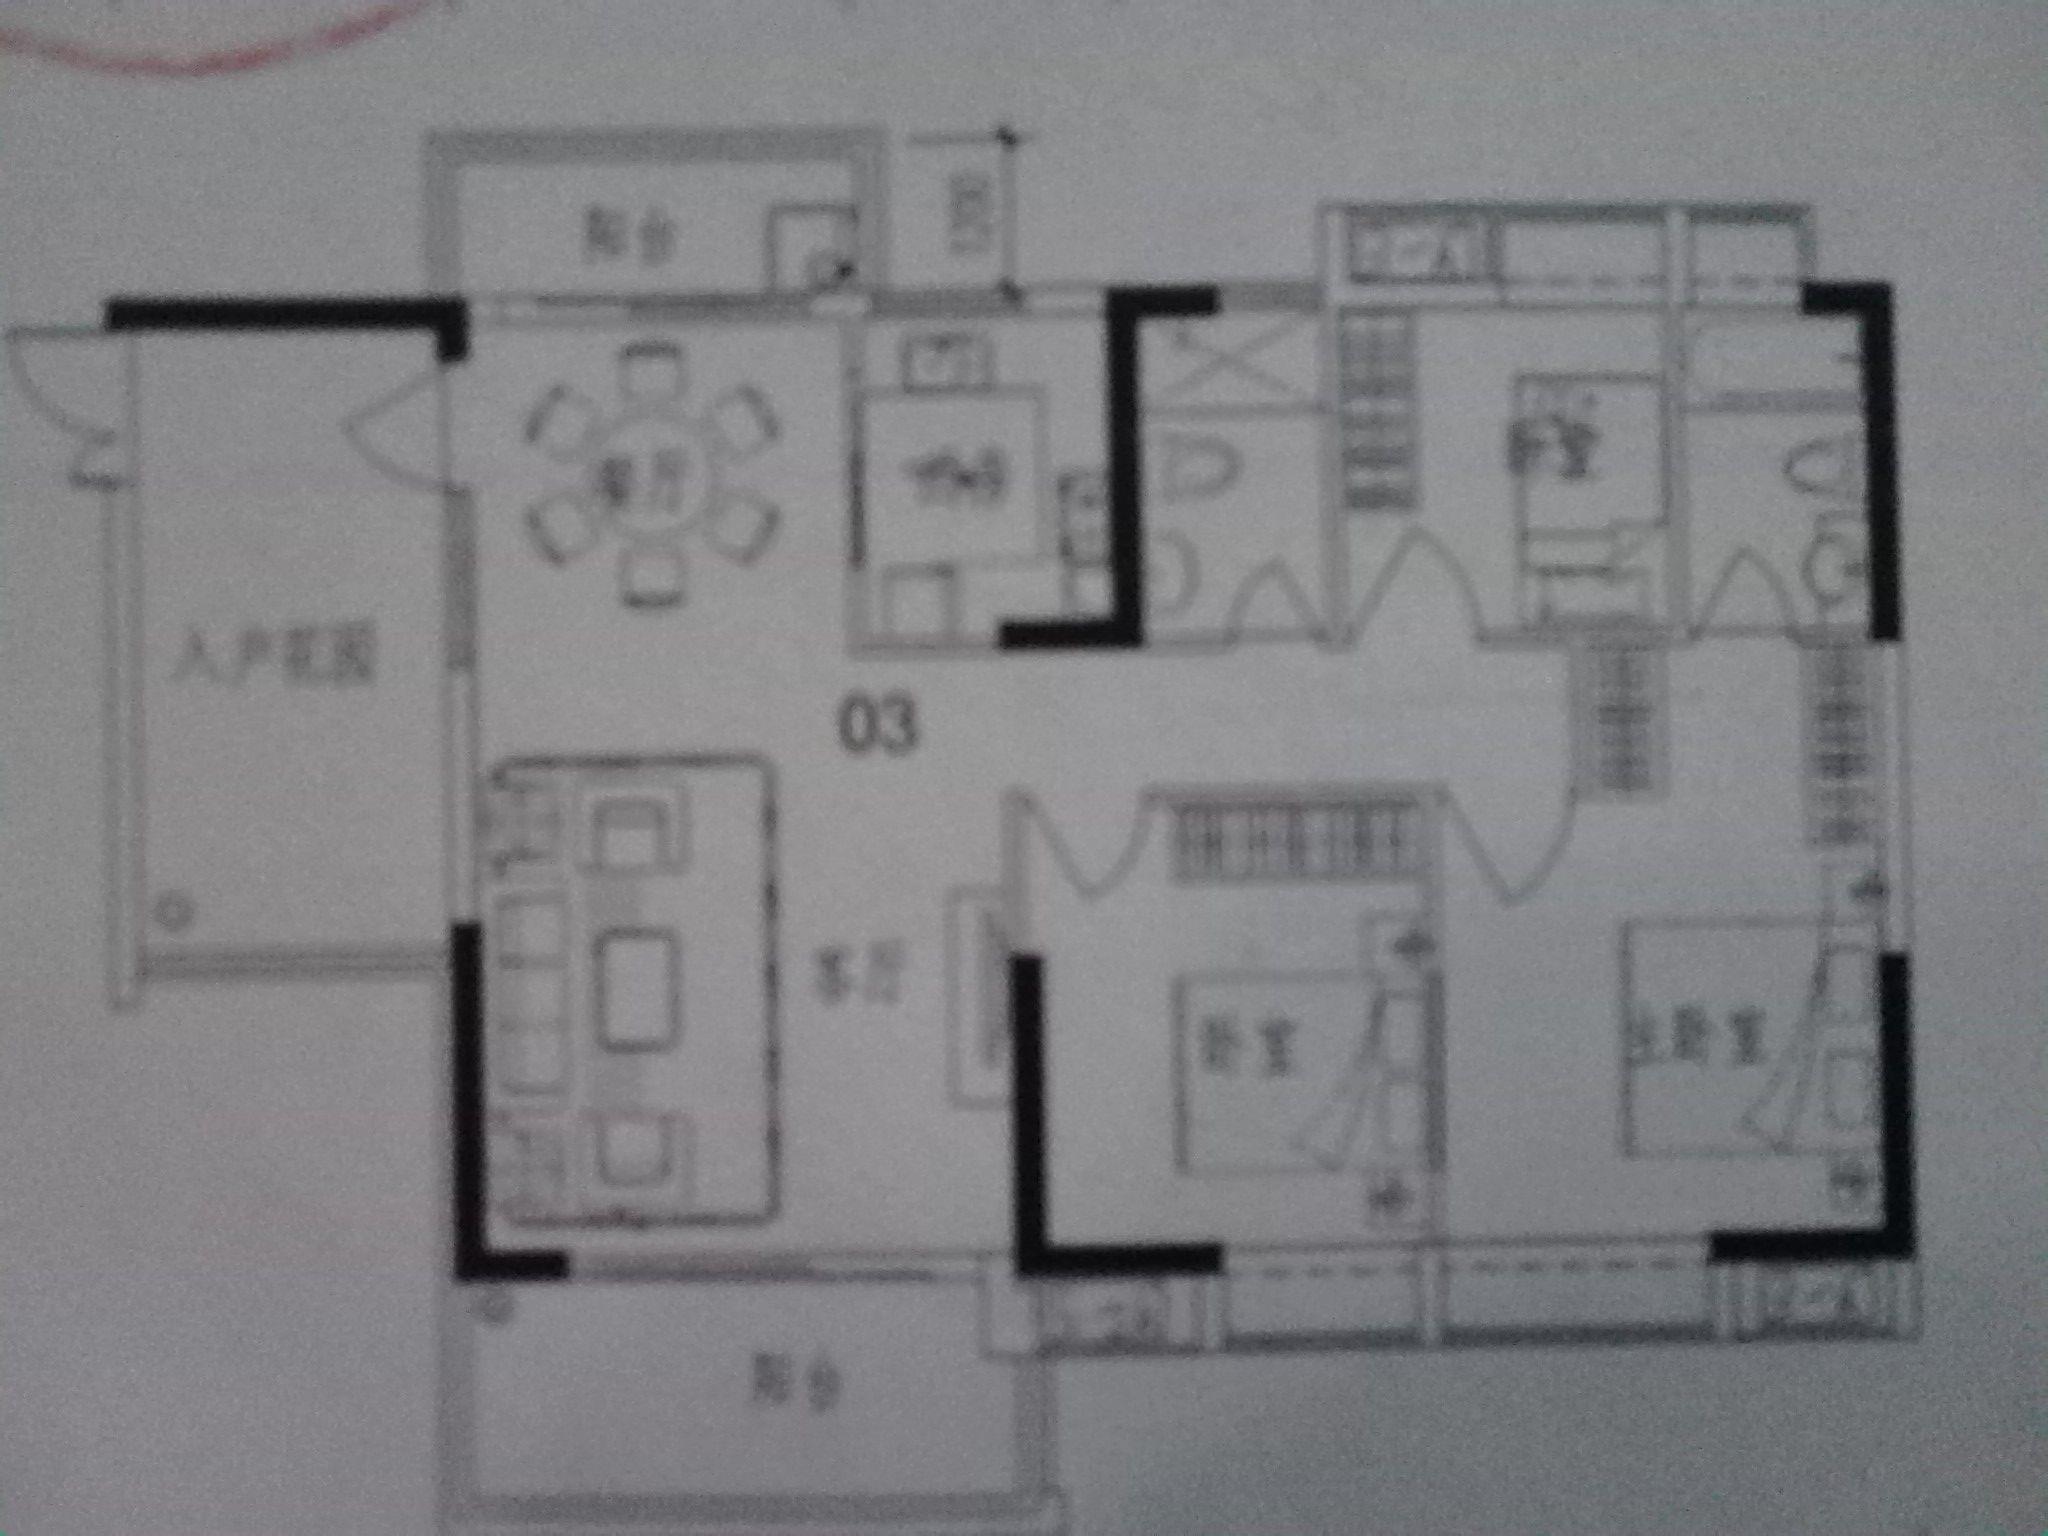 商品房的平面图怎么看